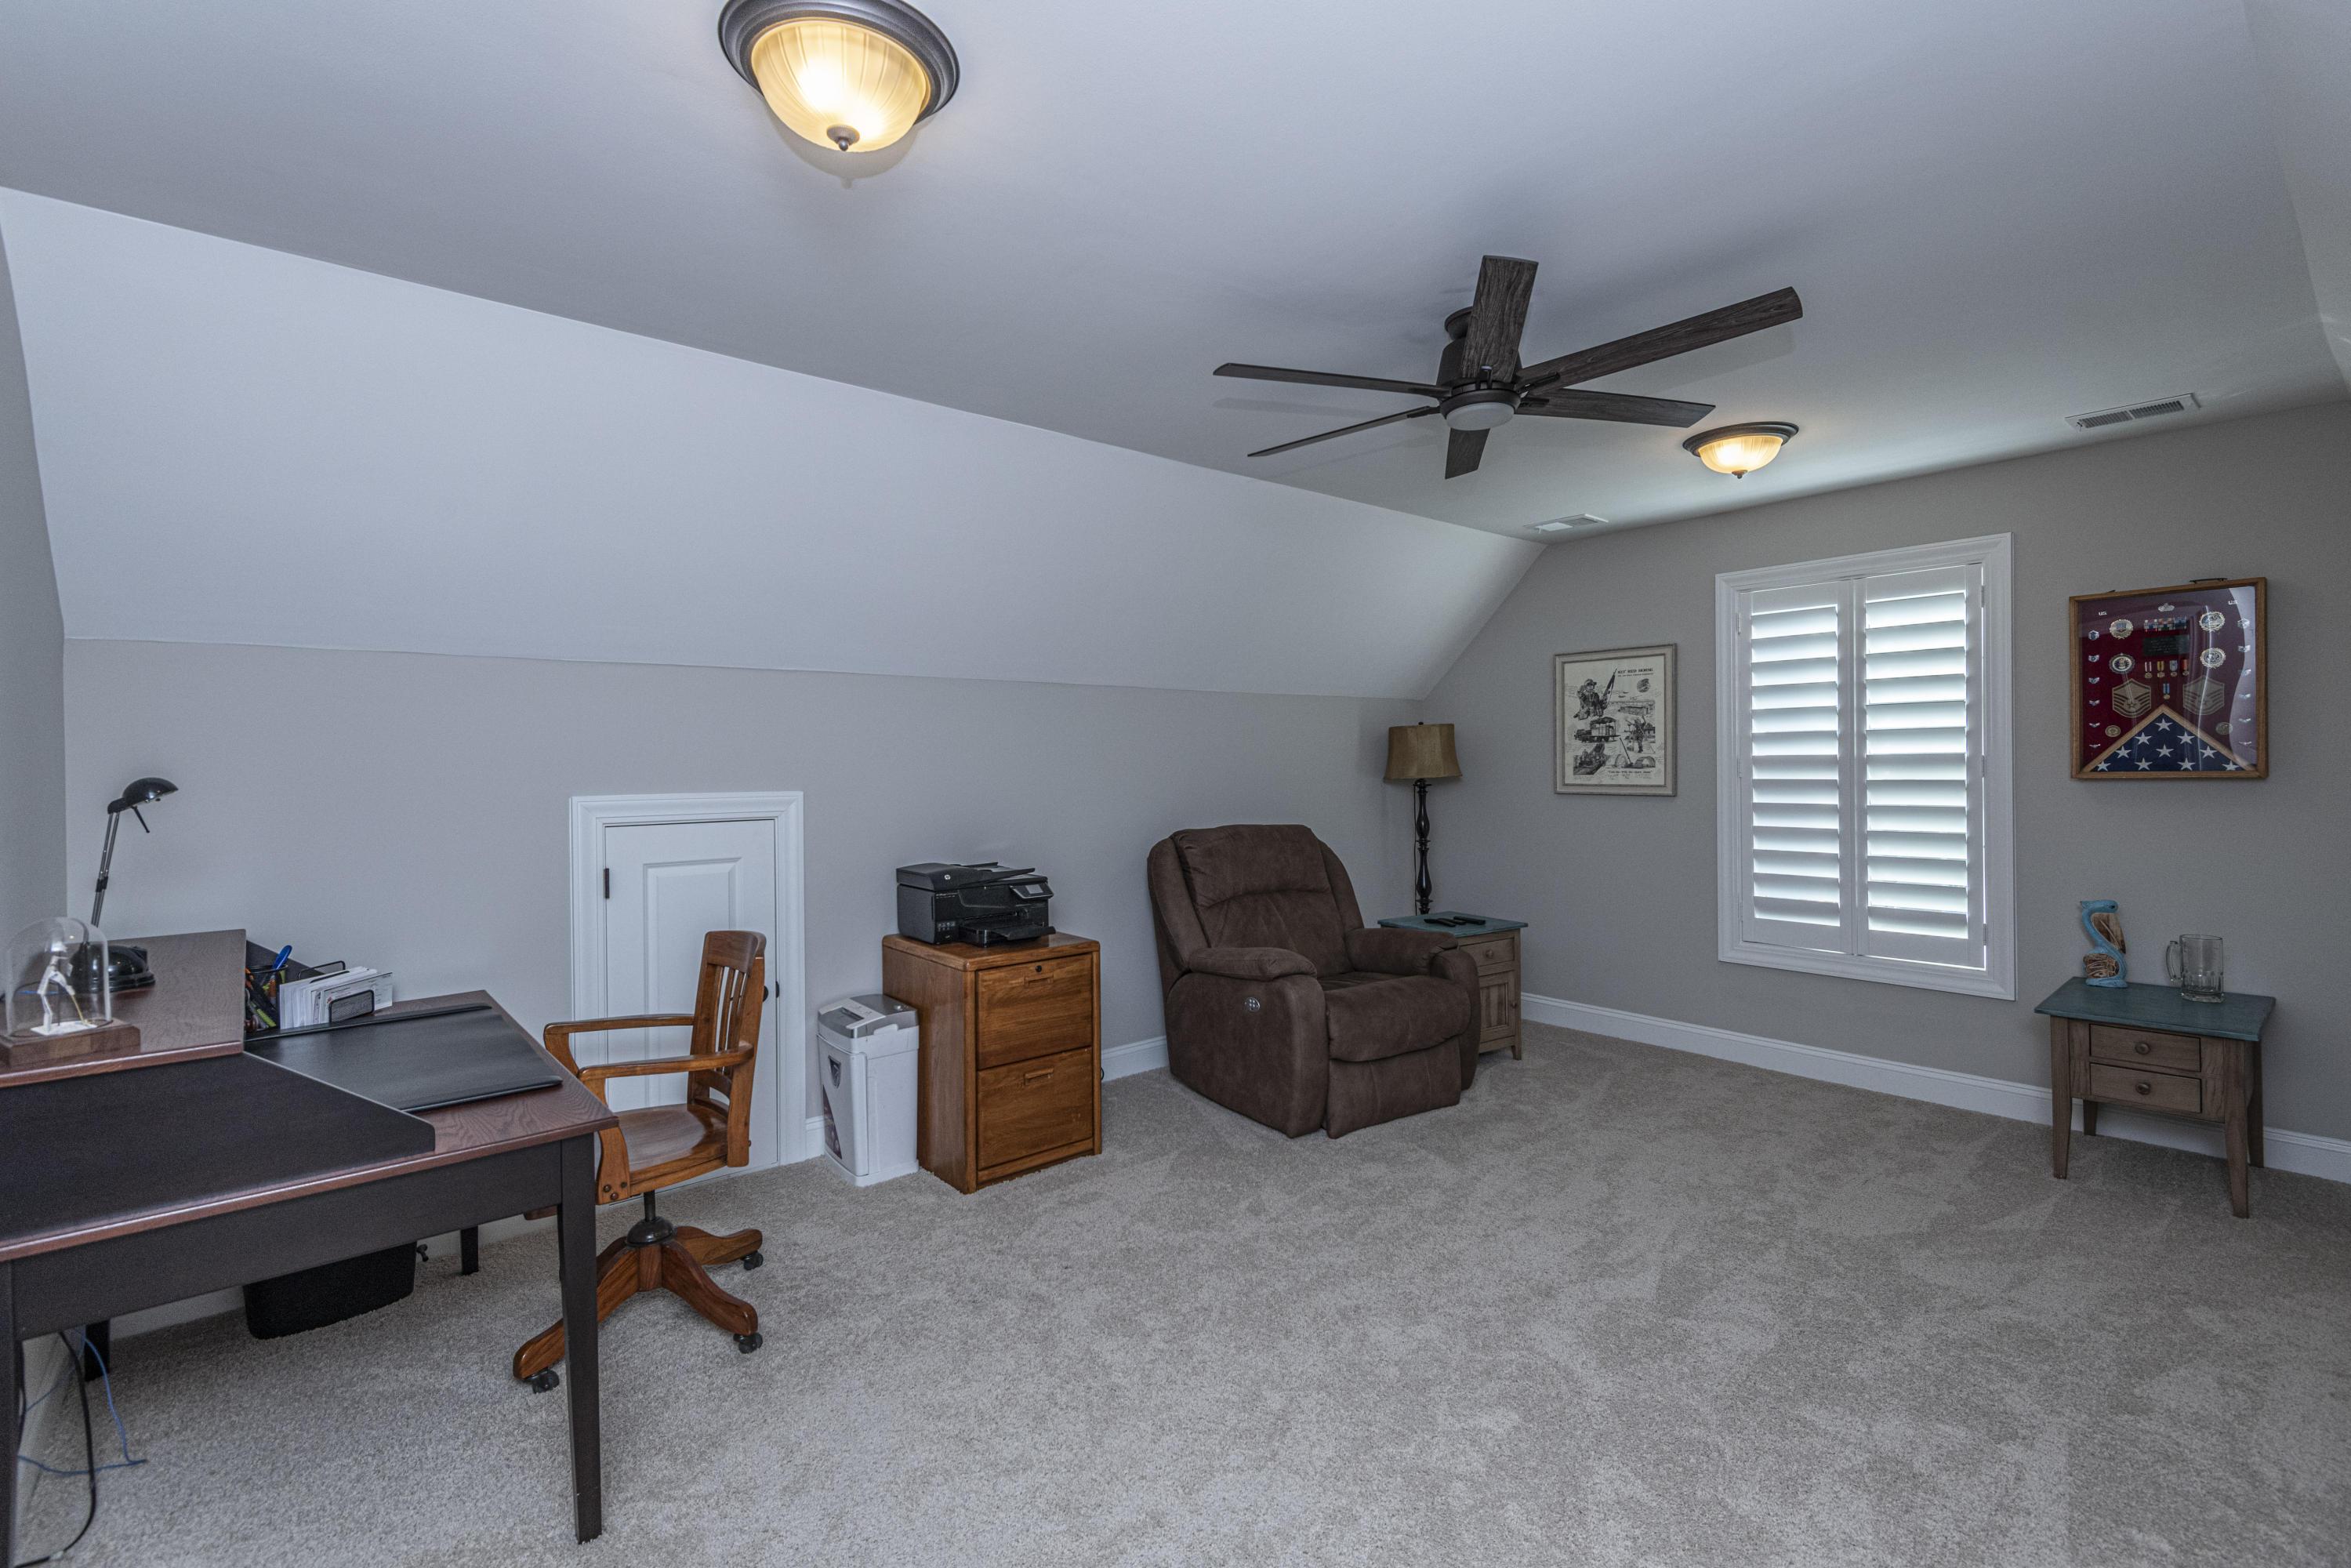 Park West Homes For Sale - 2667 Park West, Mount Pleasant, SC - 49